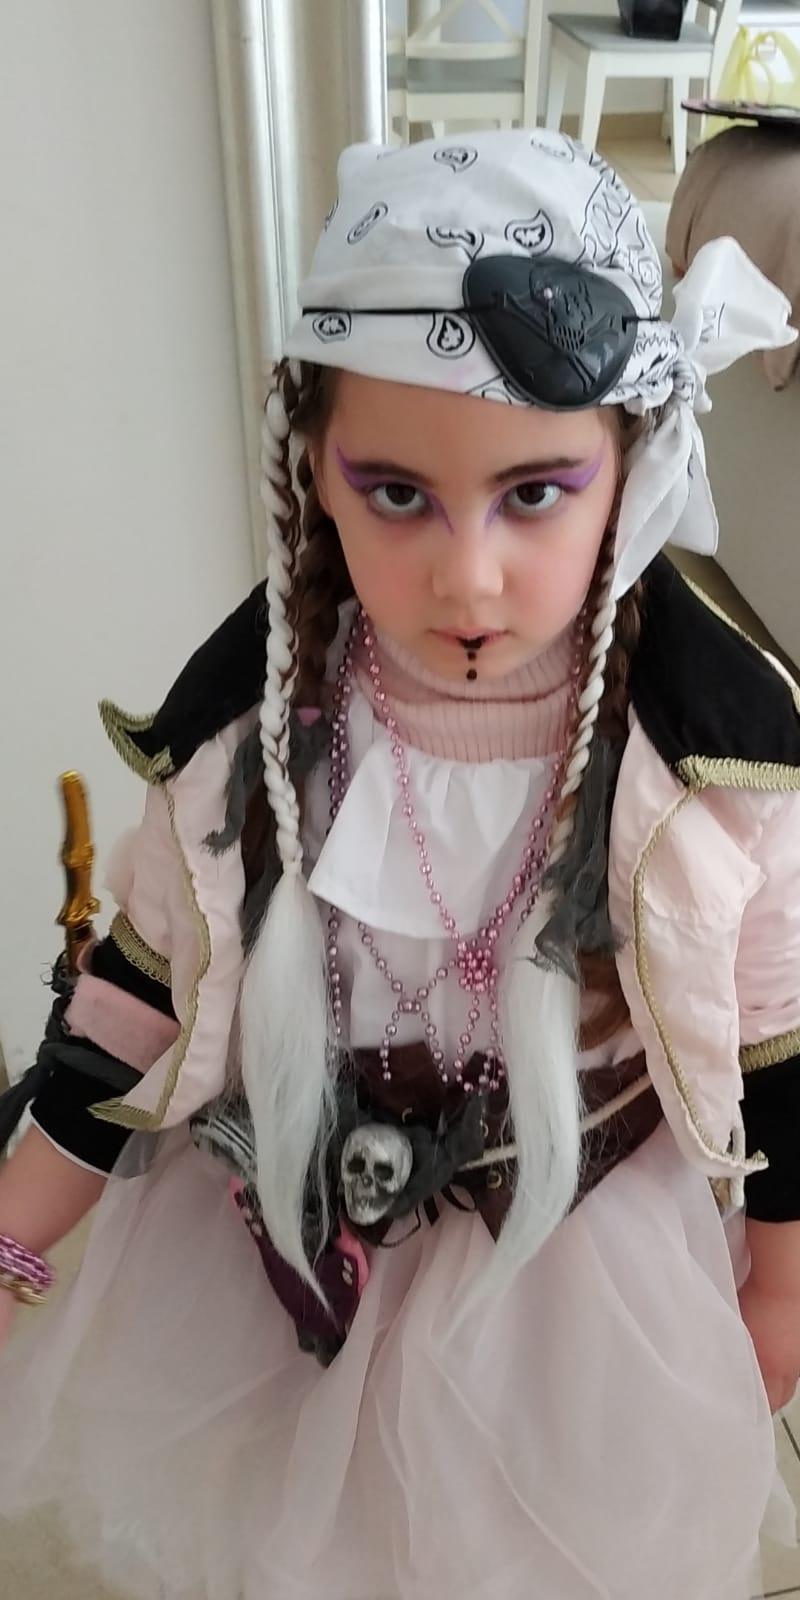 הפיראטית הלוחמת עמית אייל, בת חמש מגן לימון